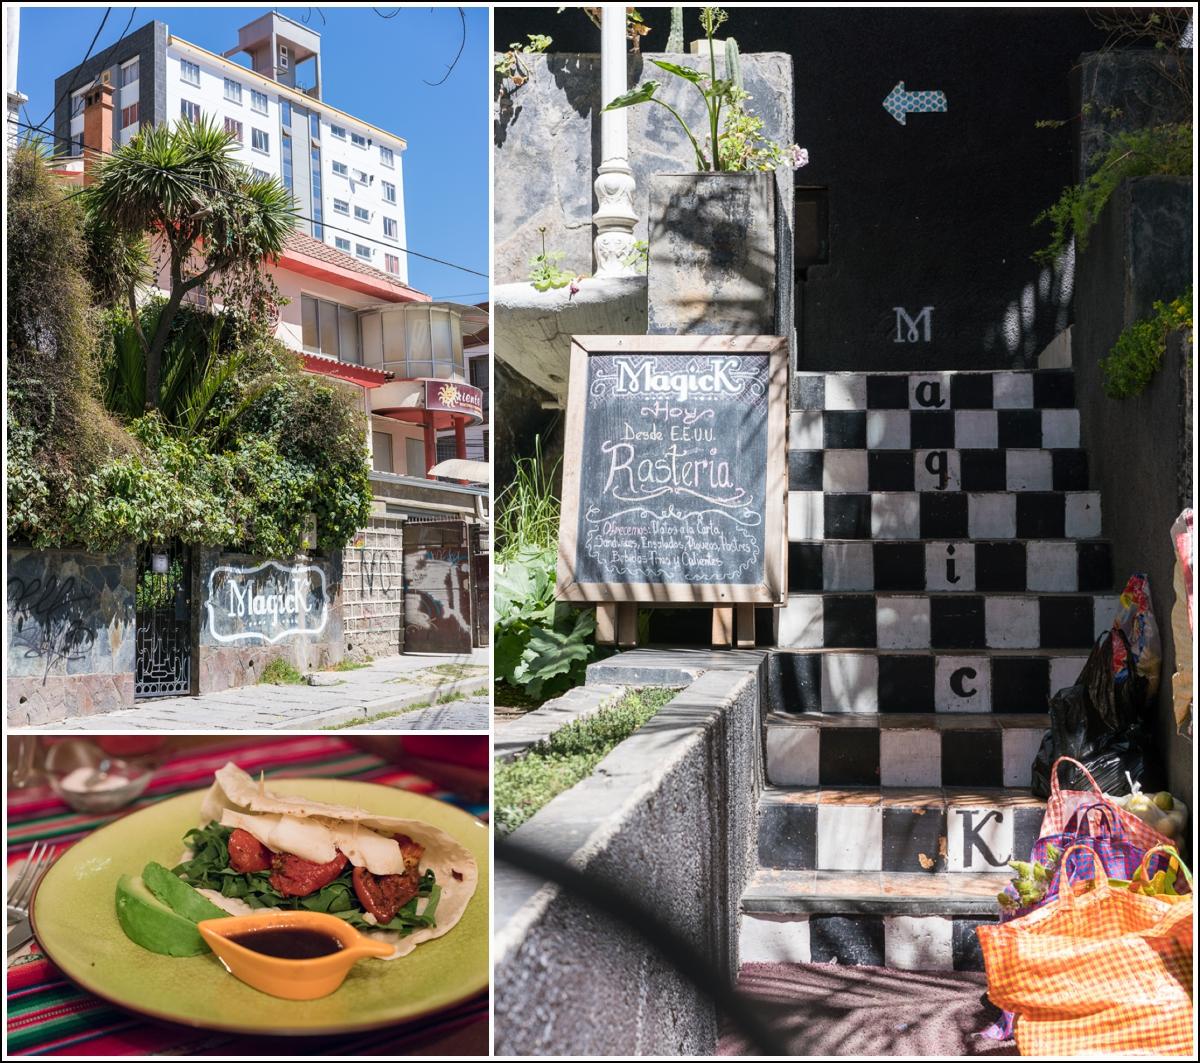 MagicK restaurant i La Paz